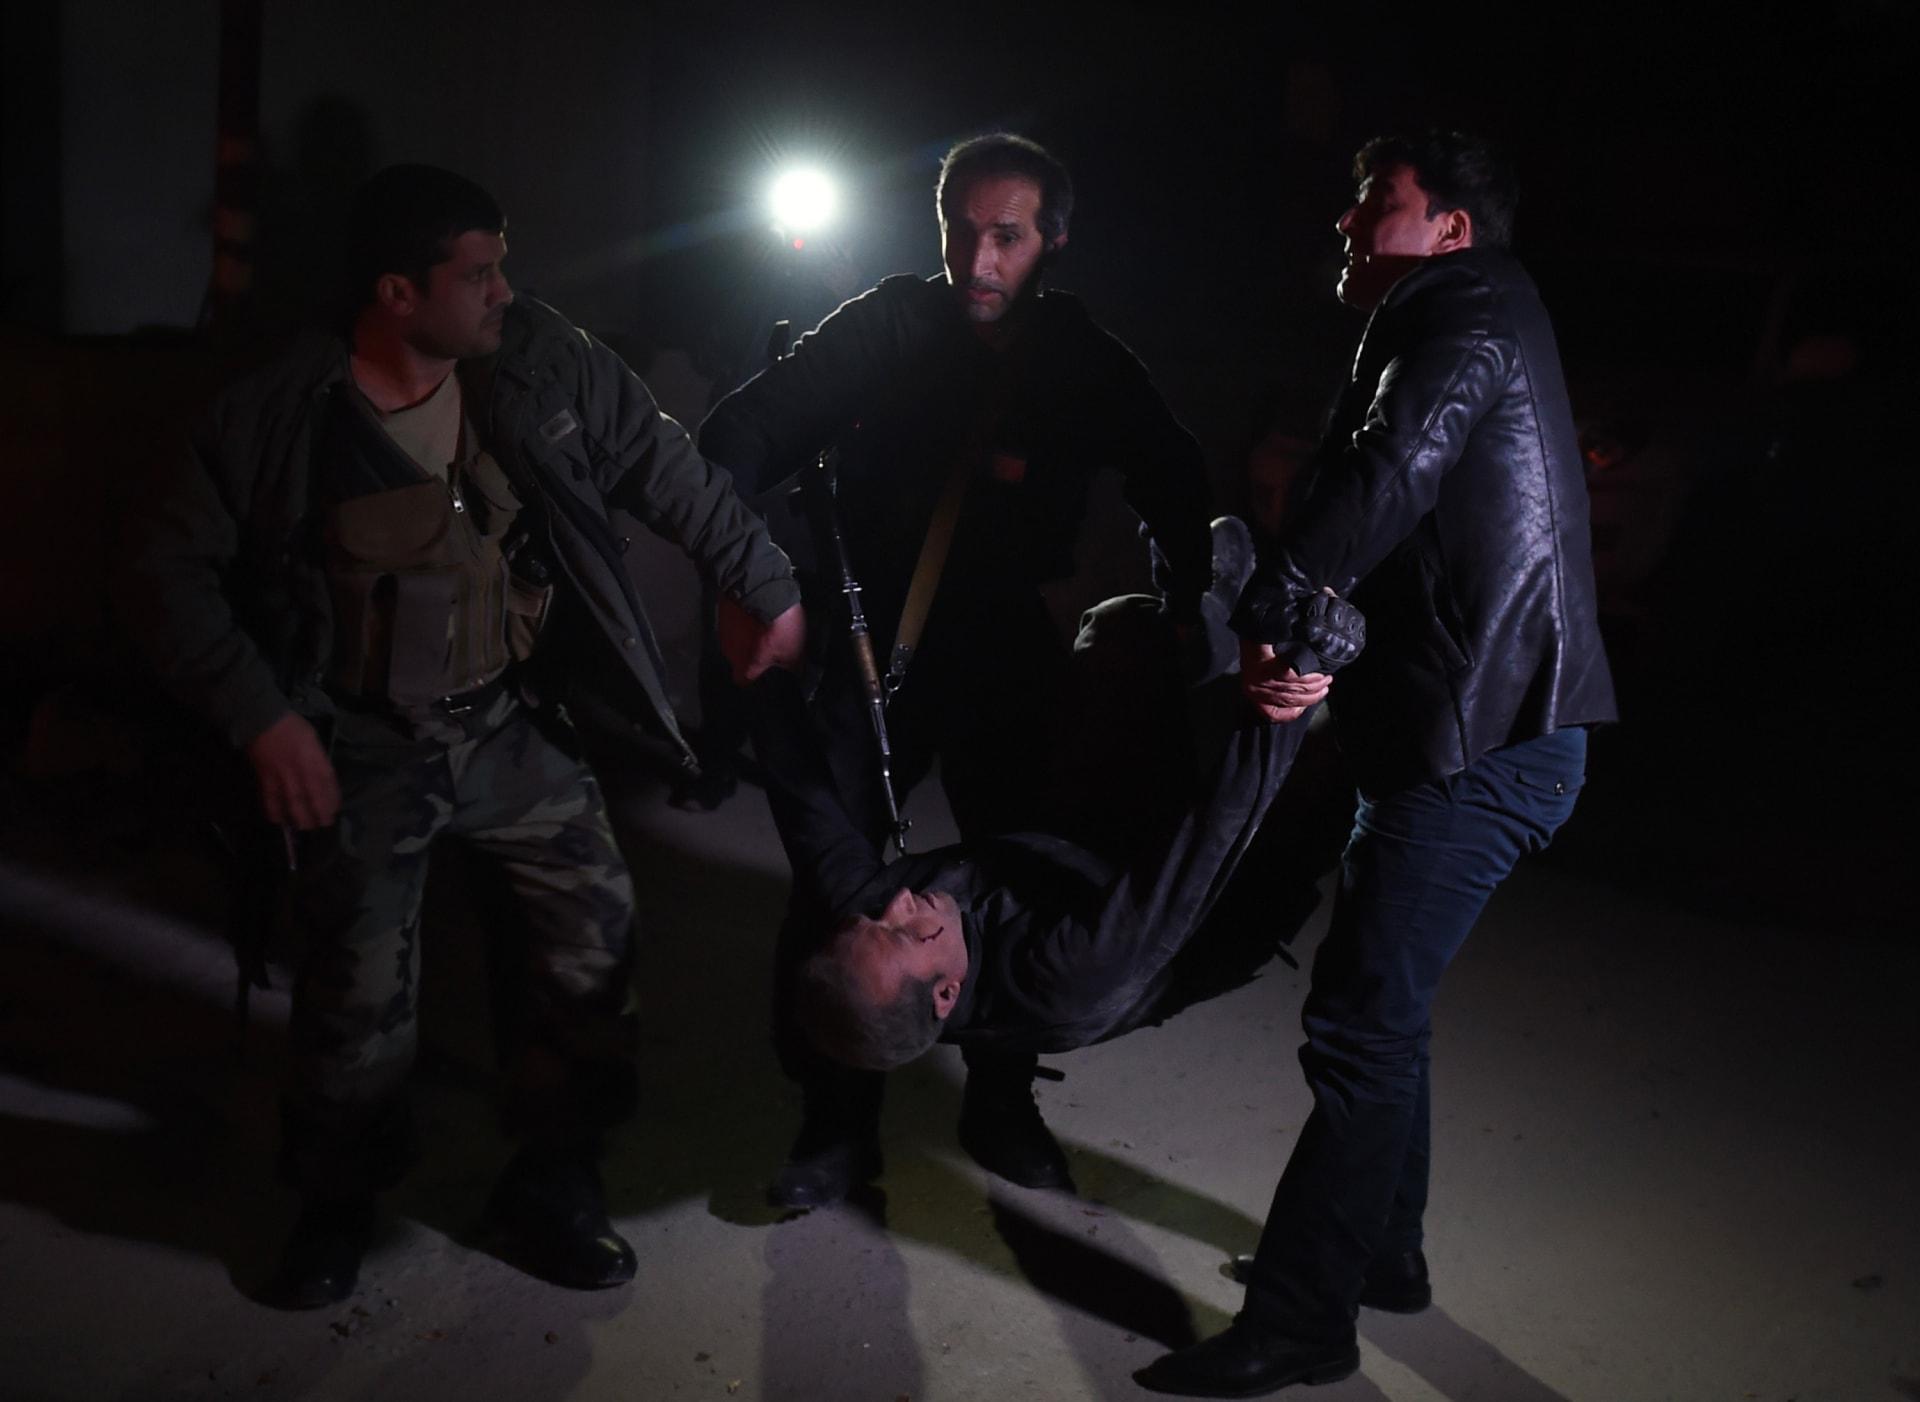 أفغانستان.. انتهاء حصار طالبان للسفارة الإسبانية وأنباء عن وقوع ضحايا